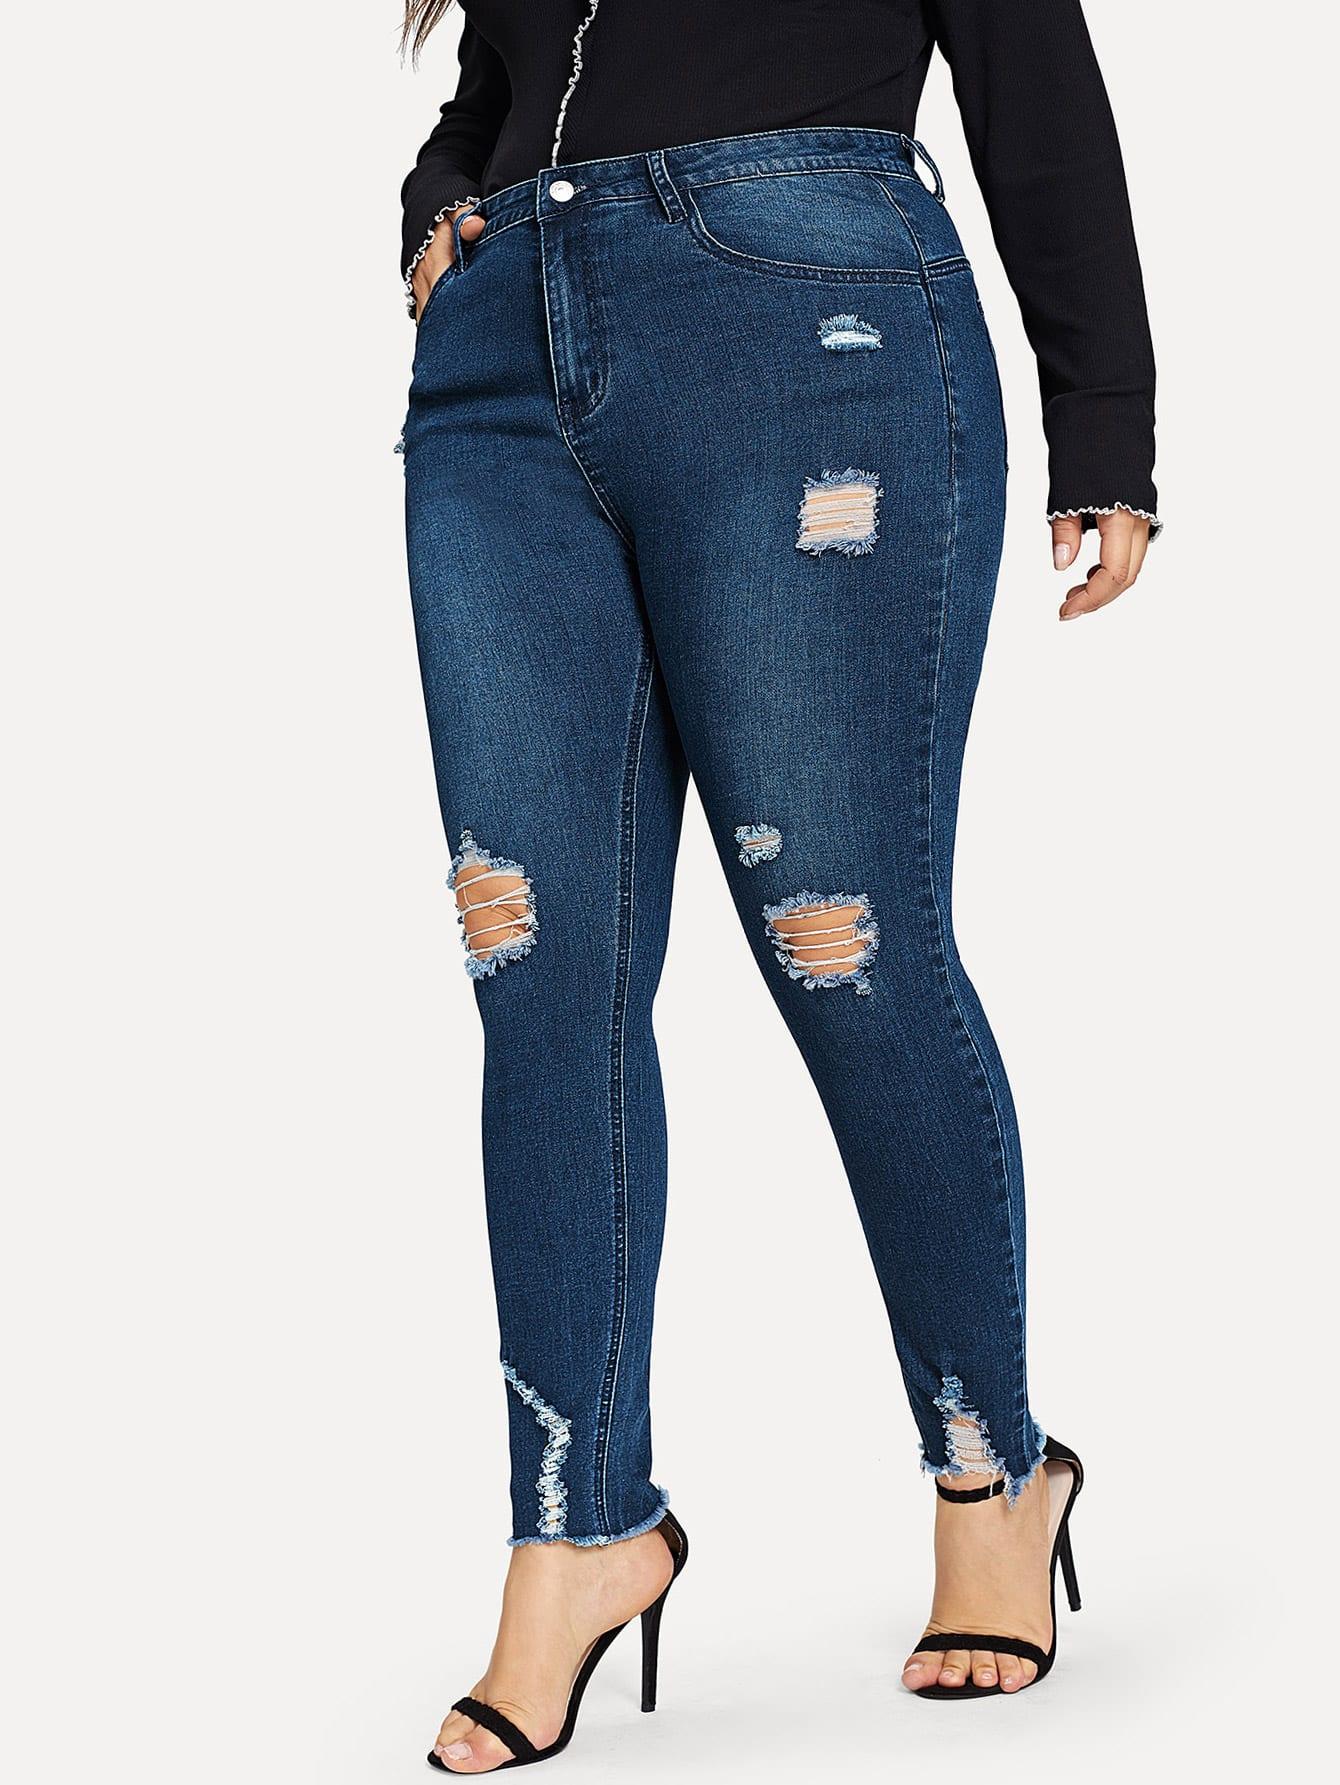 Купить Рваные джинсы размера плюс, Franziska, SheIn